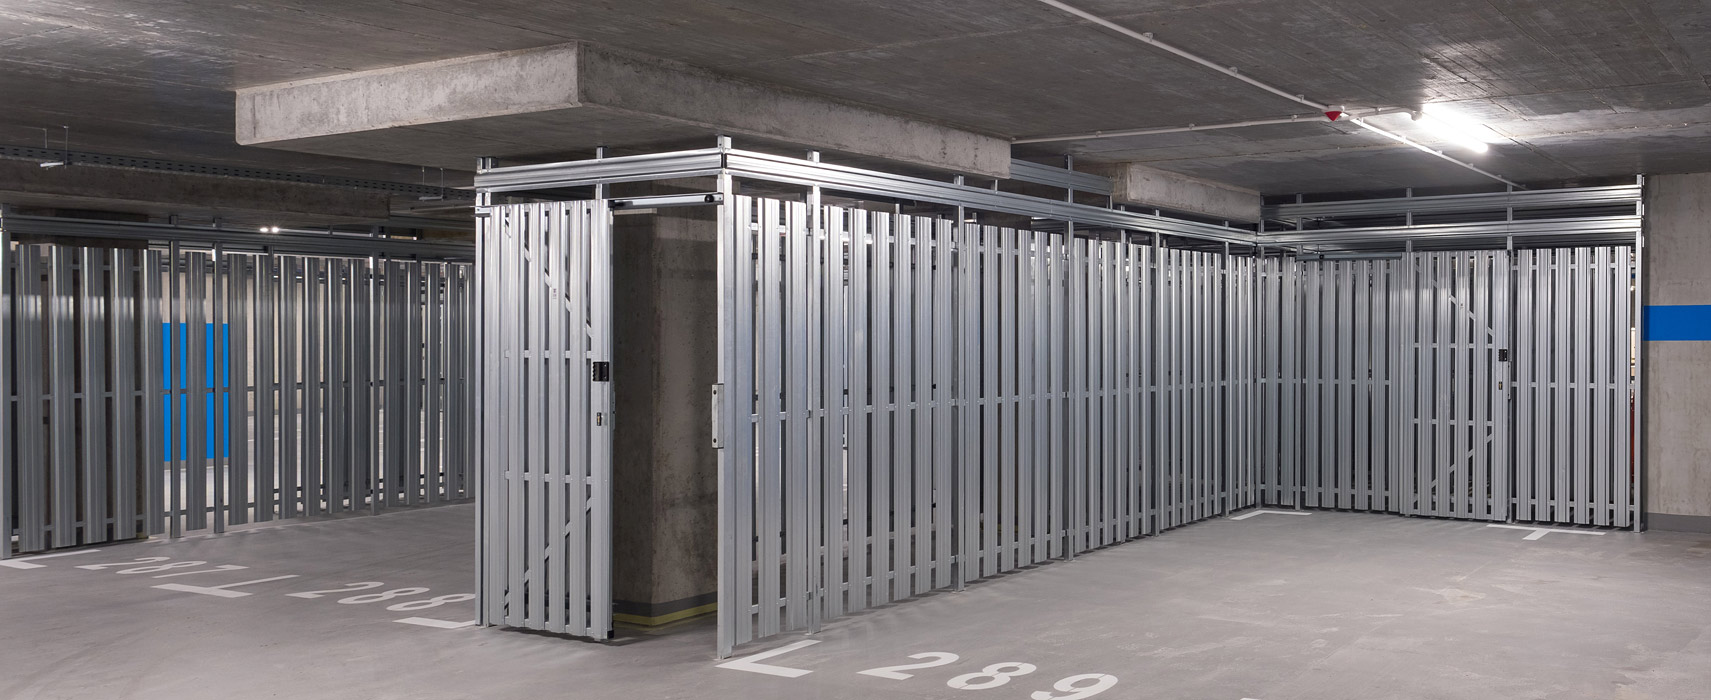 Abstellräume für Tiefgaragen